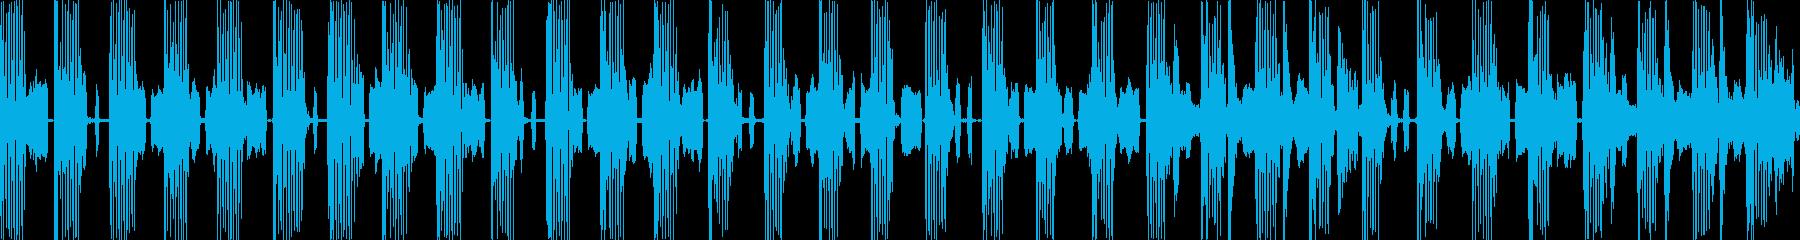 混乱状態をイメージしたジングルですの再生済みの波形